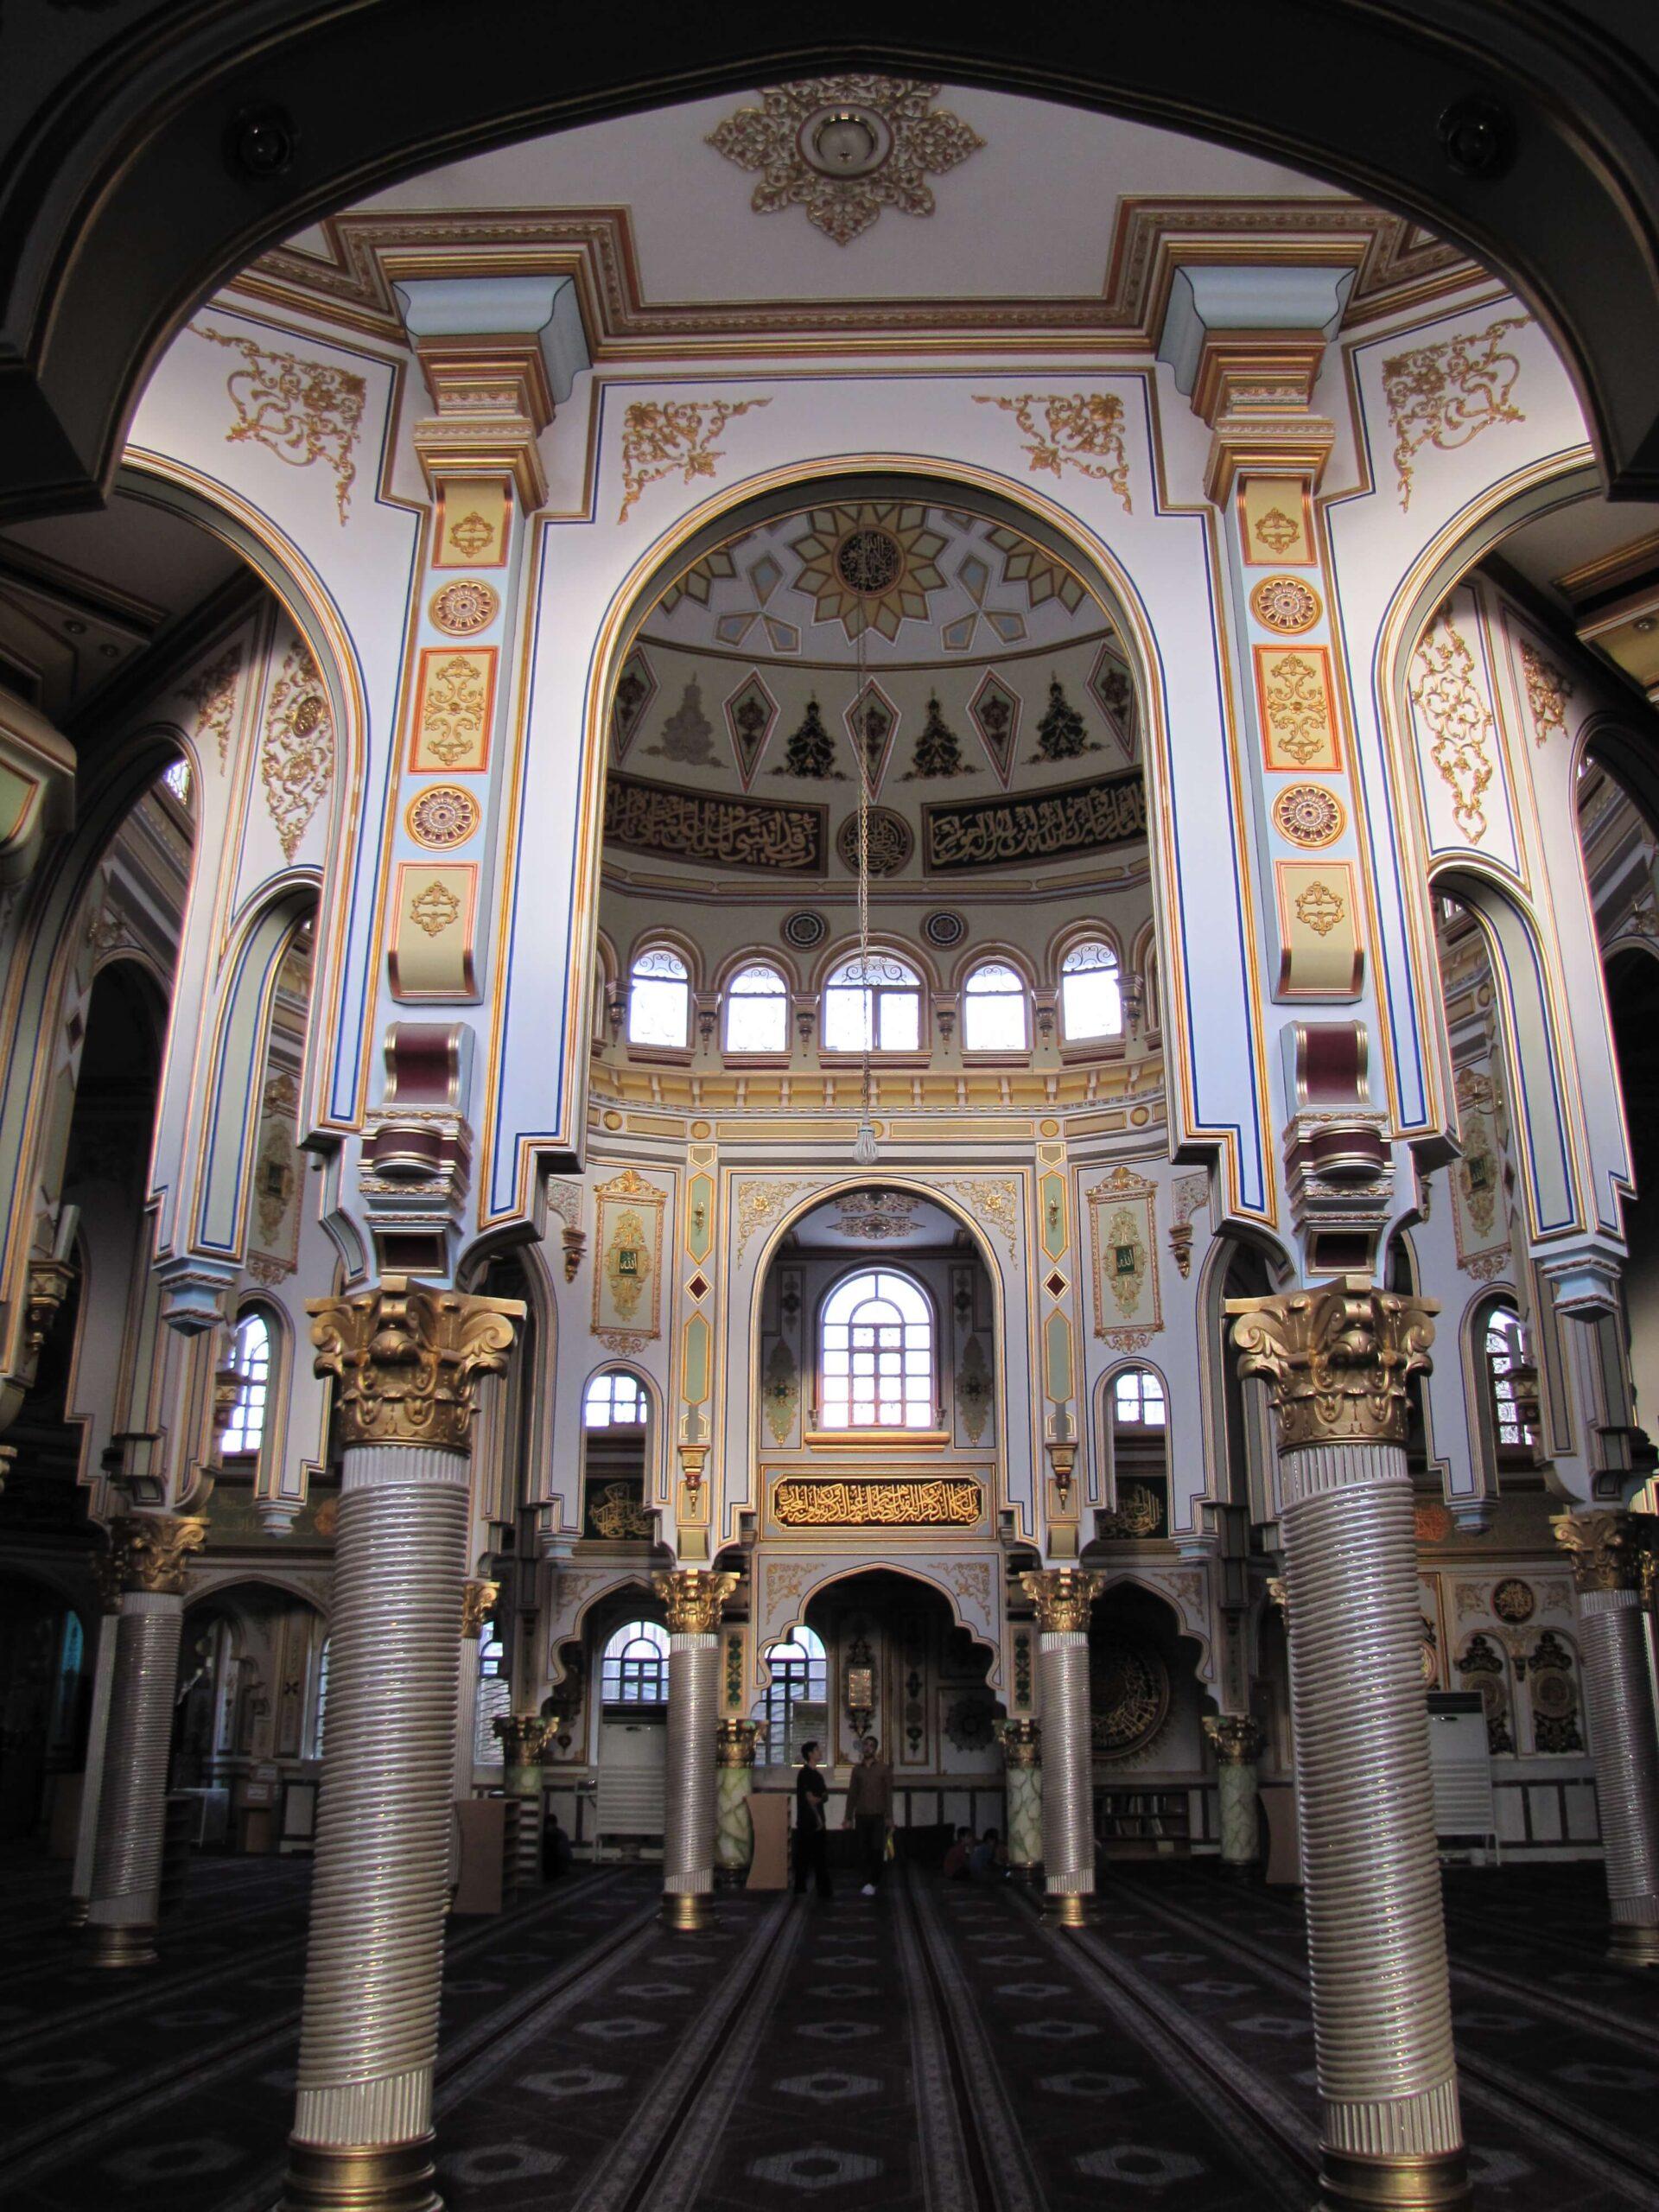 Shafei Mosque